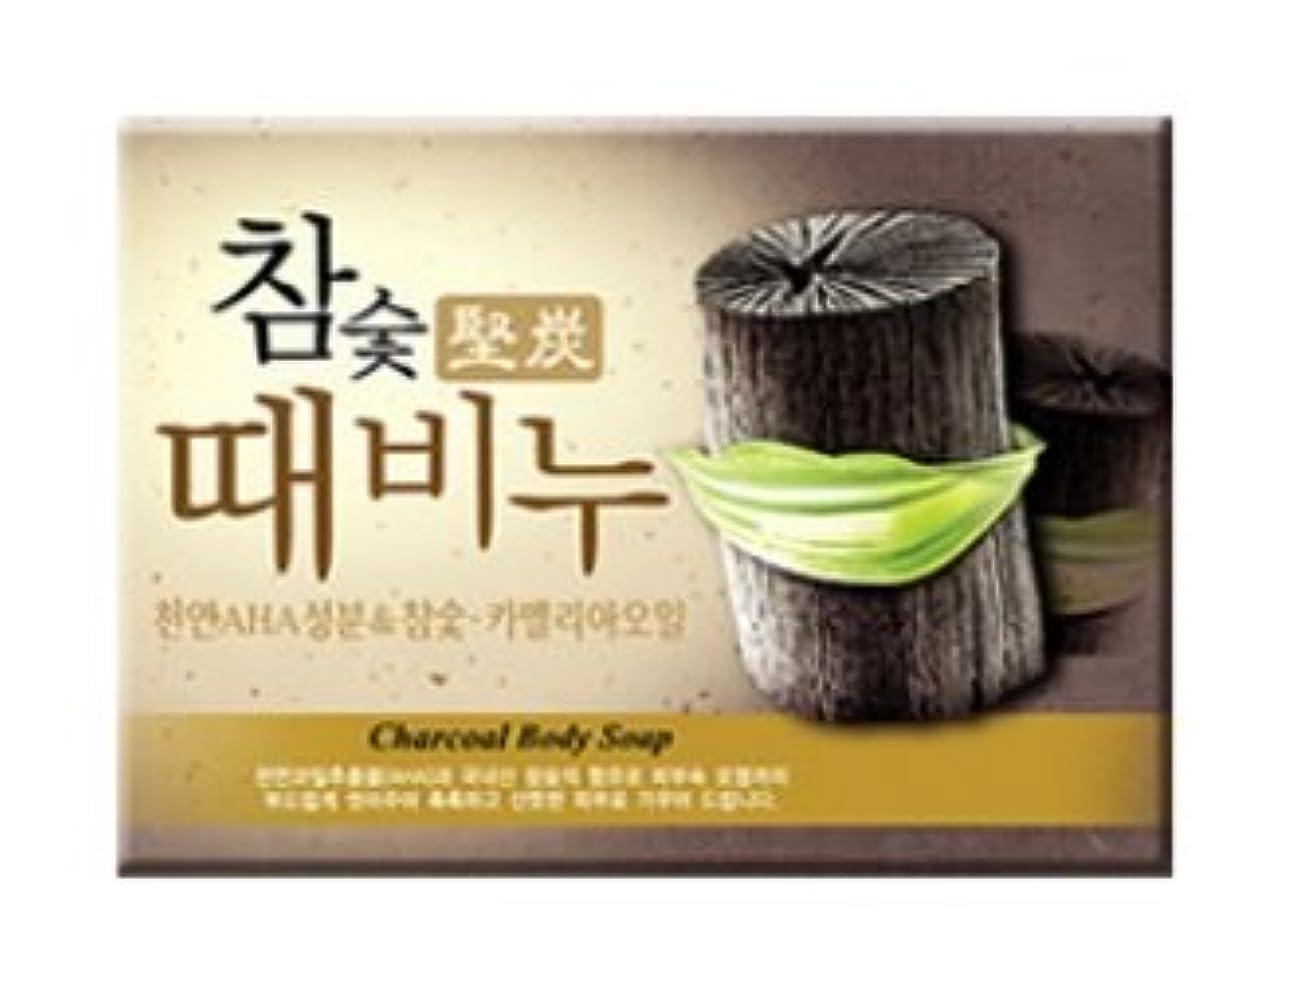 盟主経済ドリンク堅炭ソープ 100g / Charcoal Body Soap [並行輸入品]